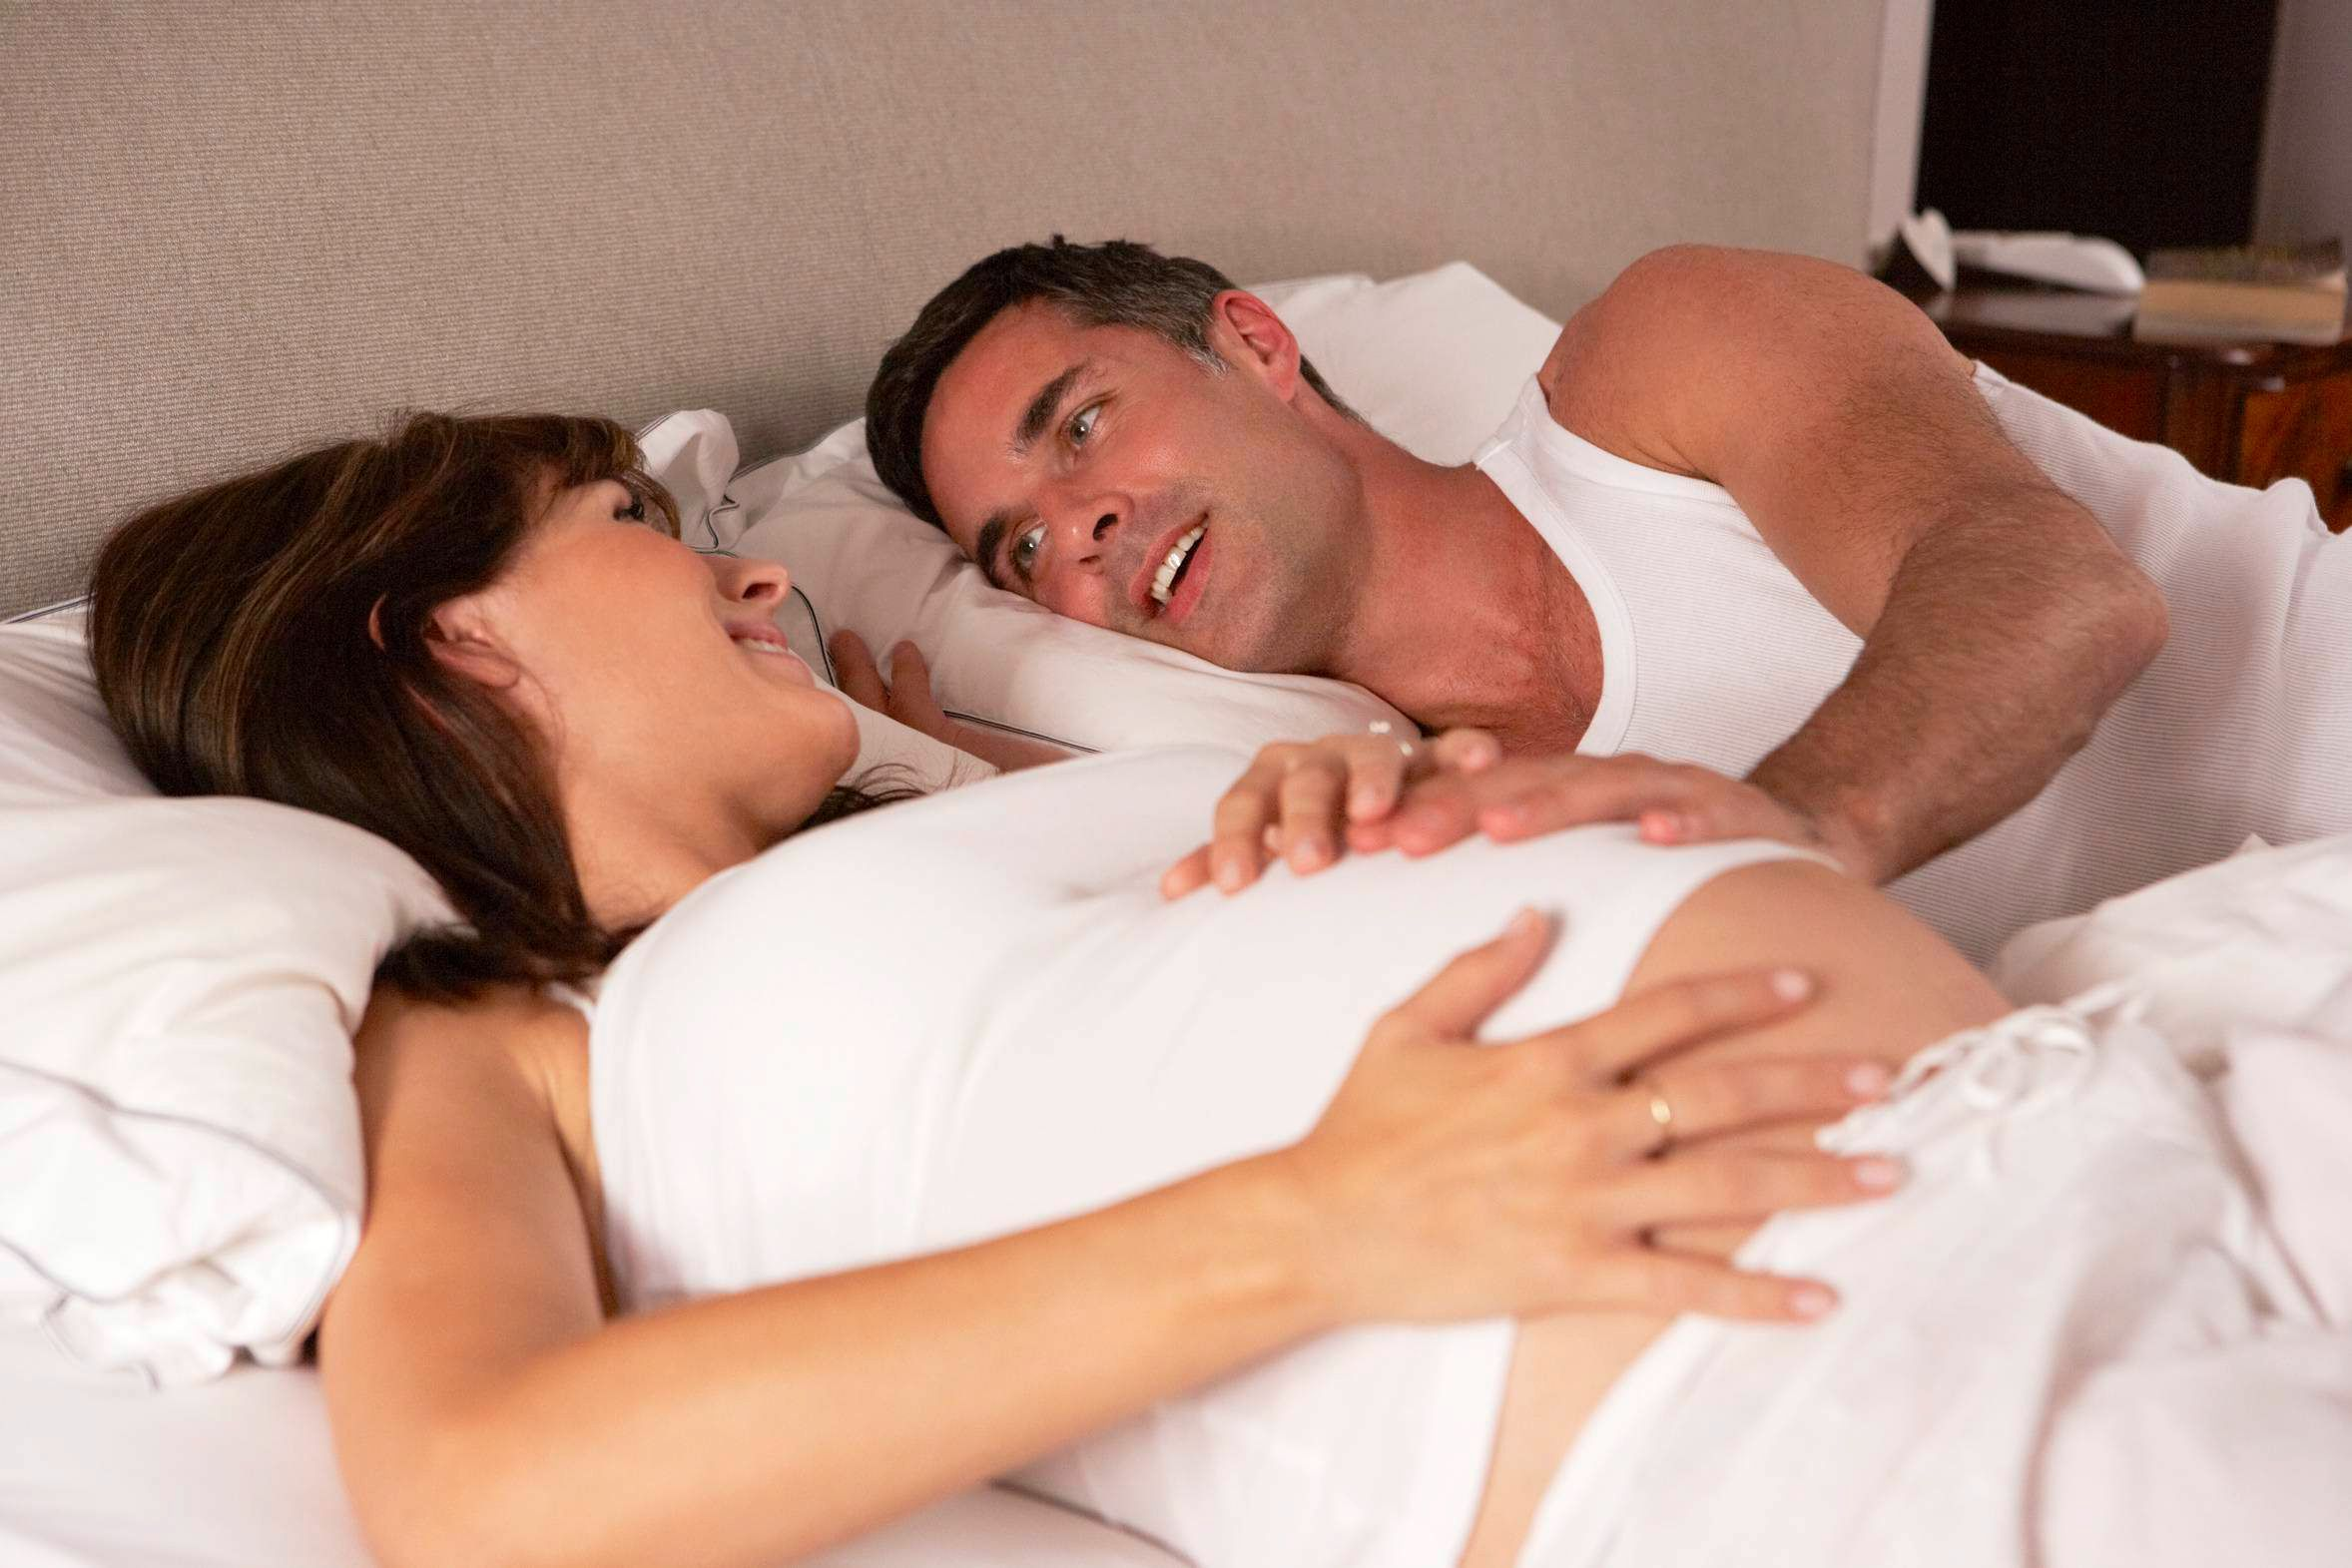 kvinnelig orgasme forskning